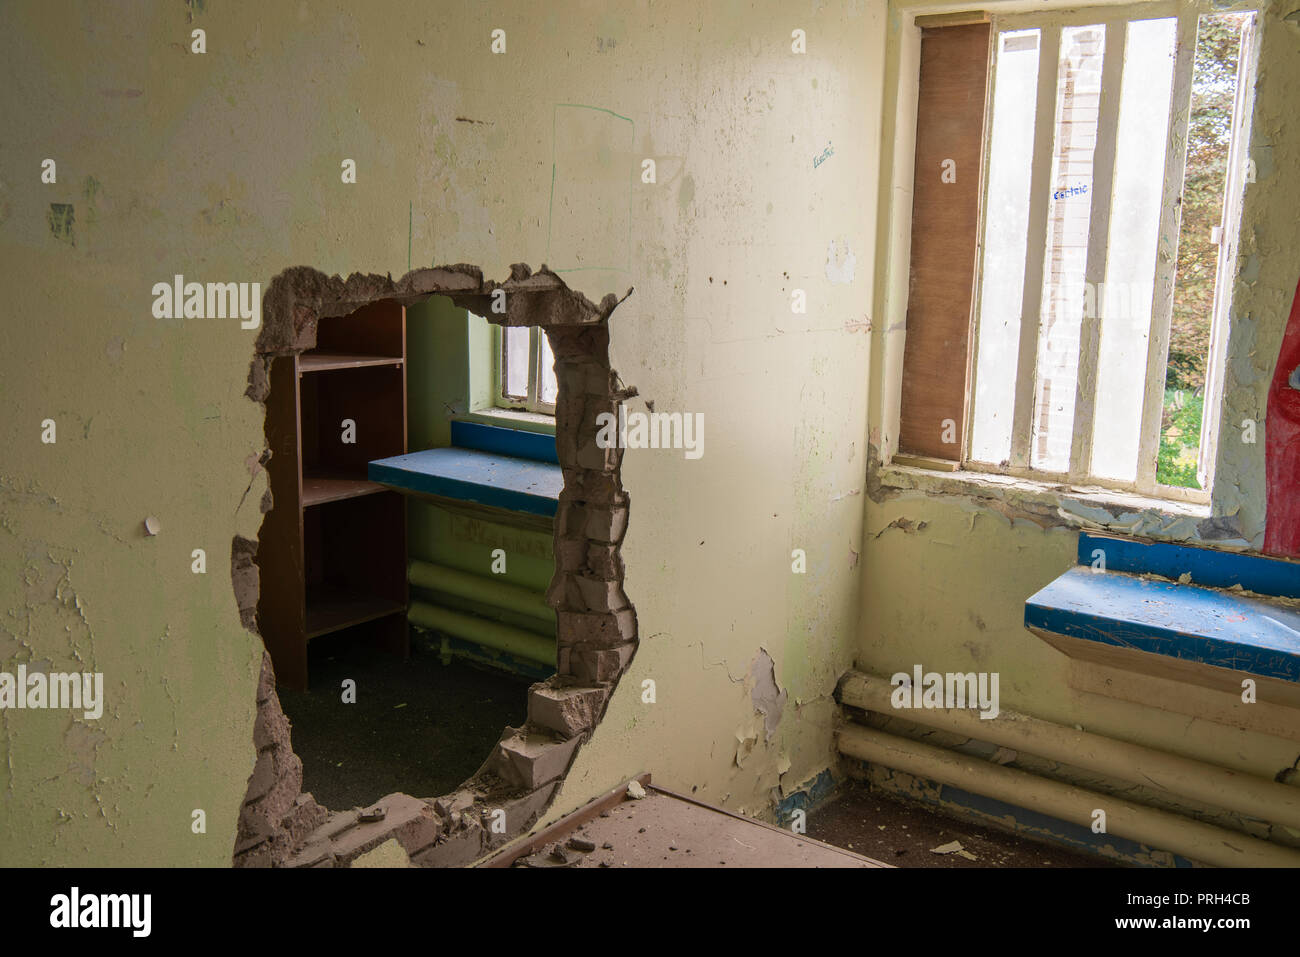 Jail prison window bars stockfotos jail prison window - Durch die wand horen ...